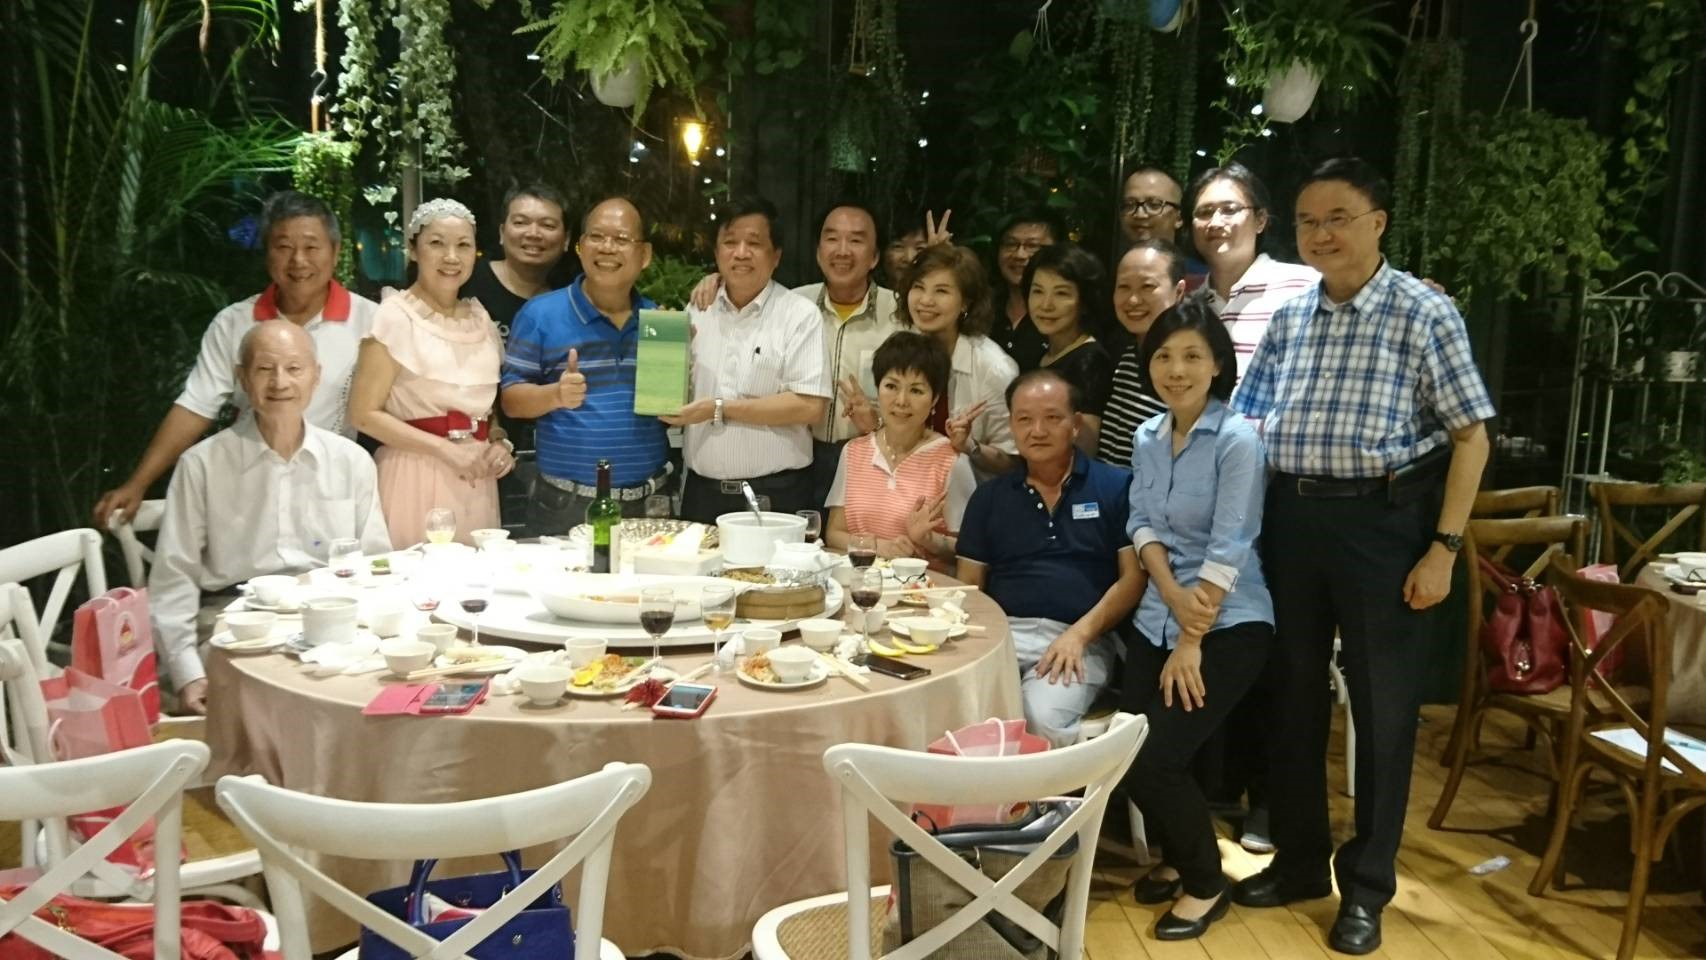 慶祝教師節 感恩餐會 20170927_170928_0015.jpg